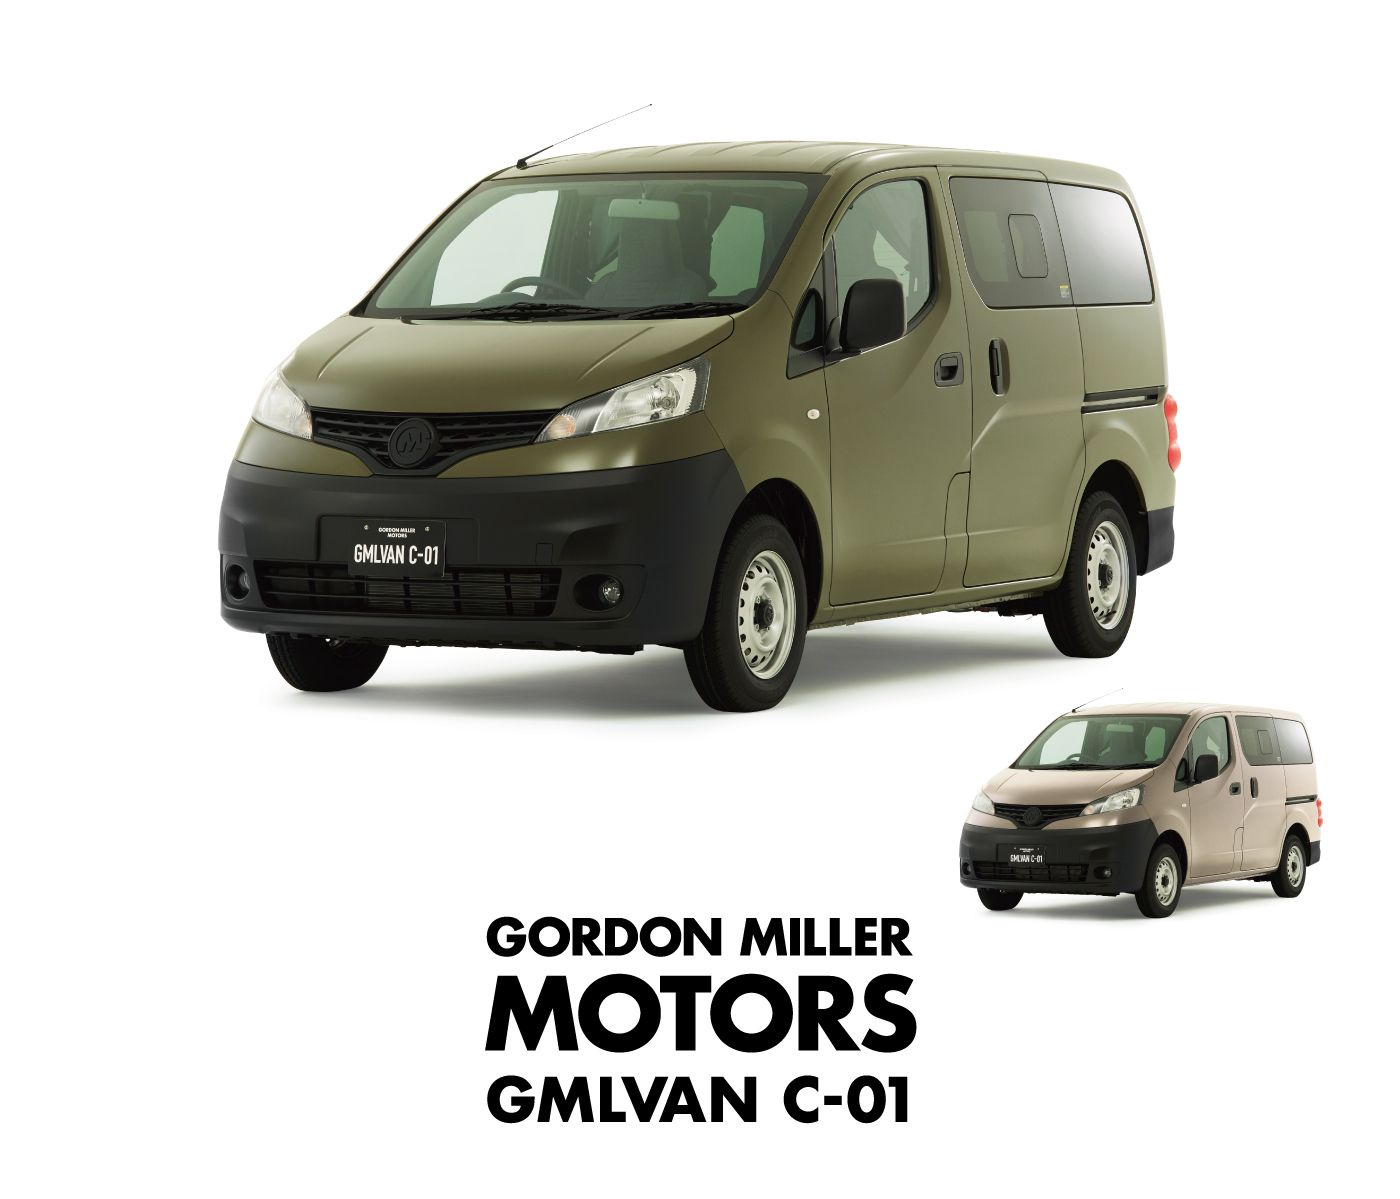 Motors Gordon Miller ゴードン ミラー 公式サイト カスタムバン バン 車 キャンピングバン